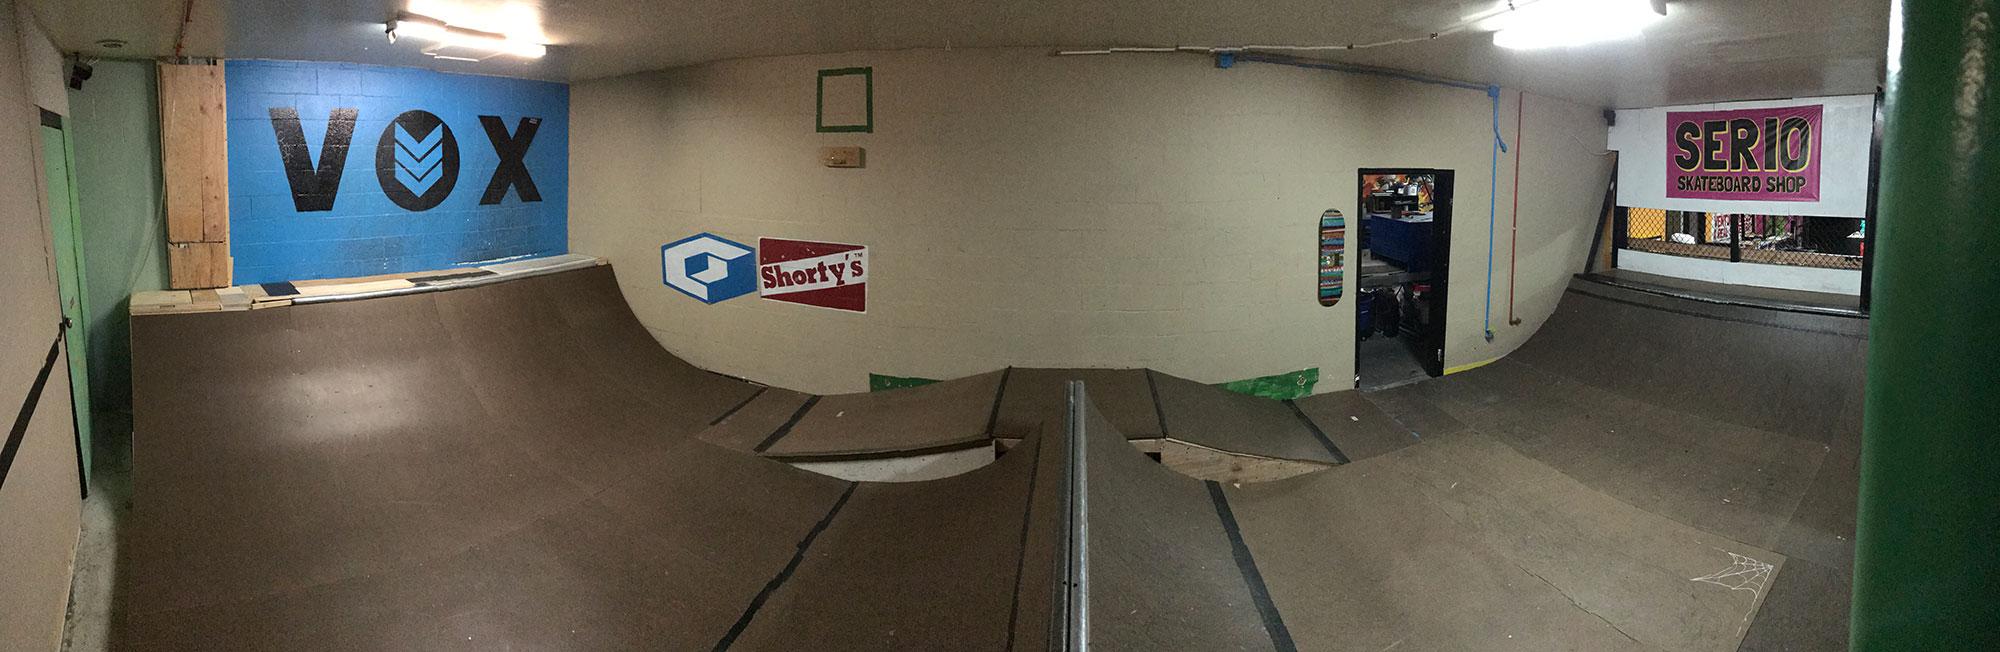 Skate our indoor miniramp